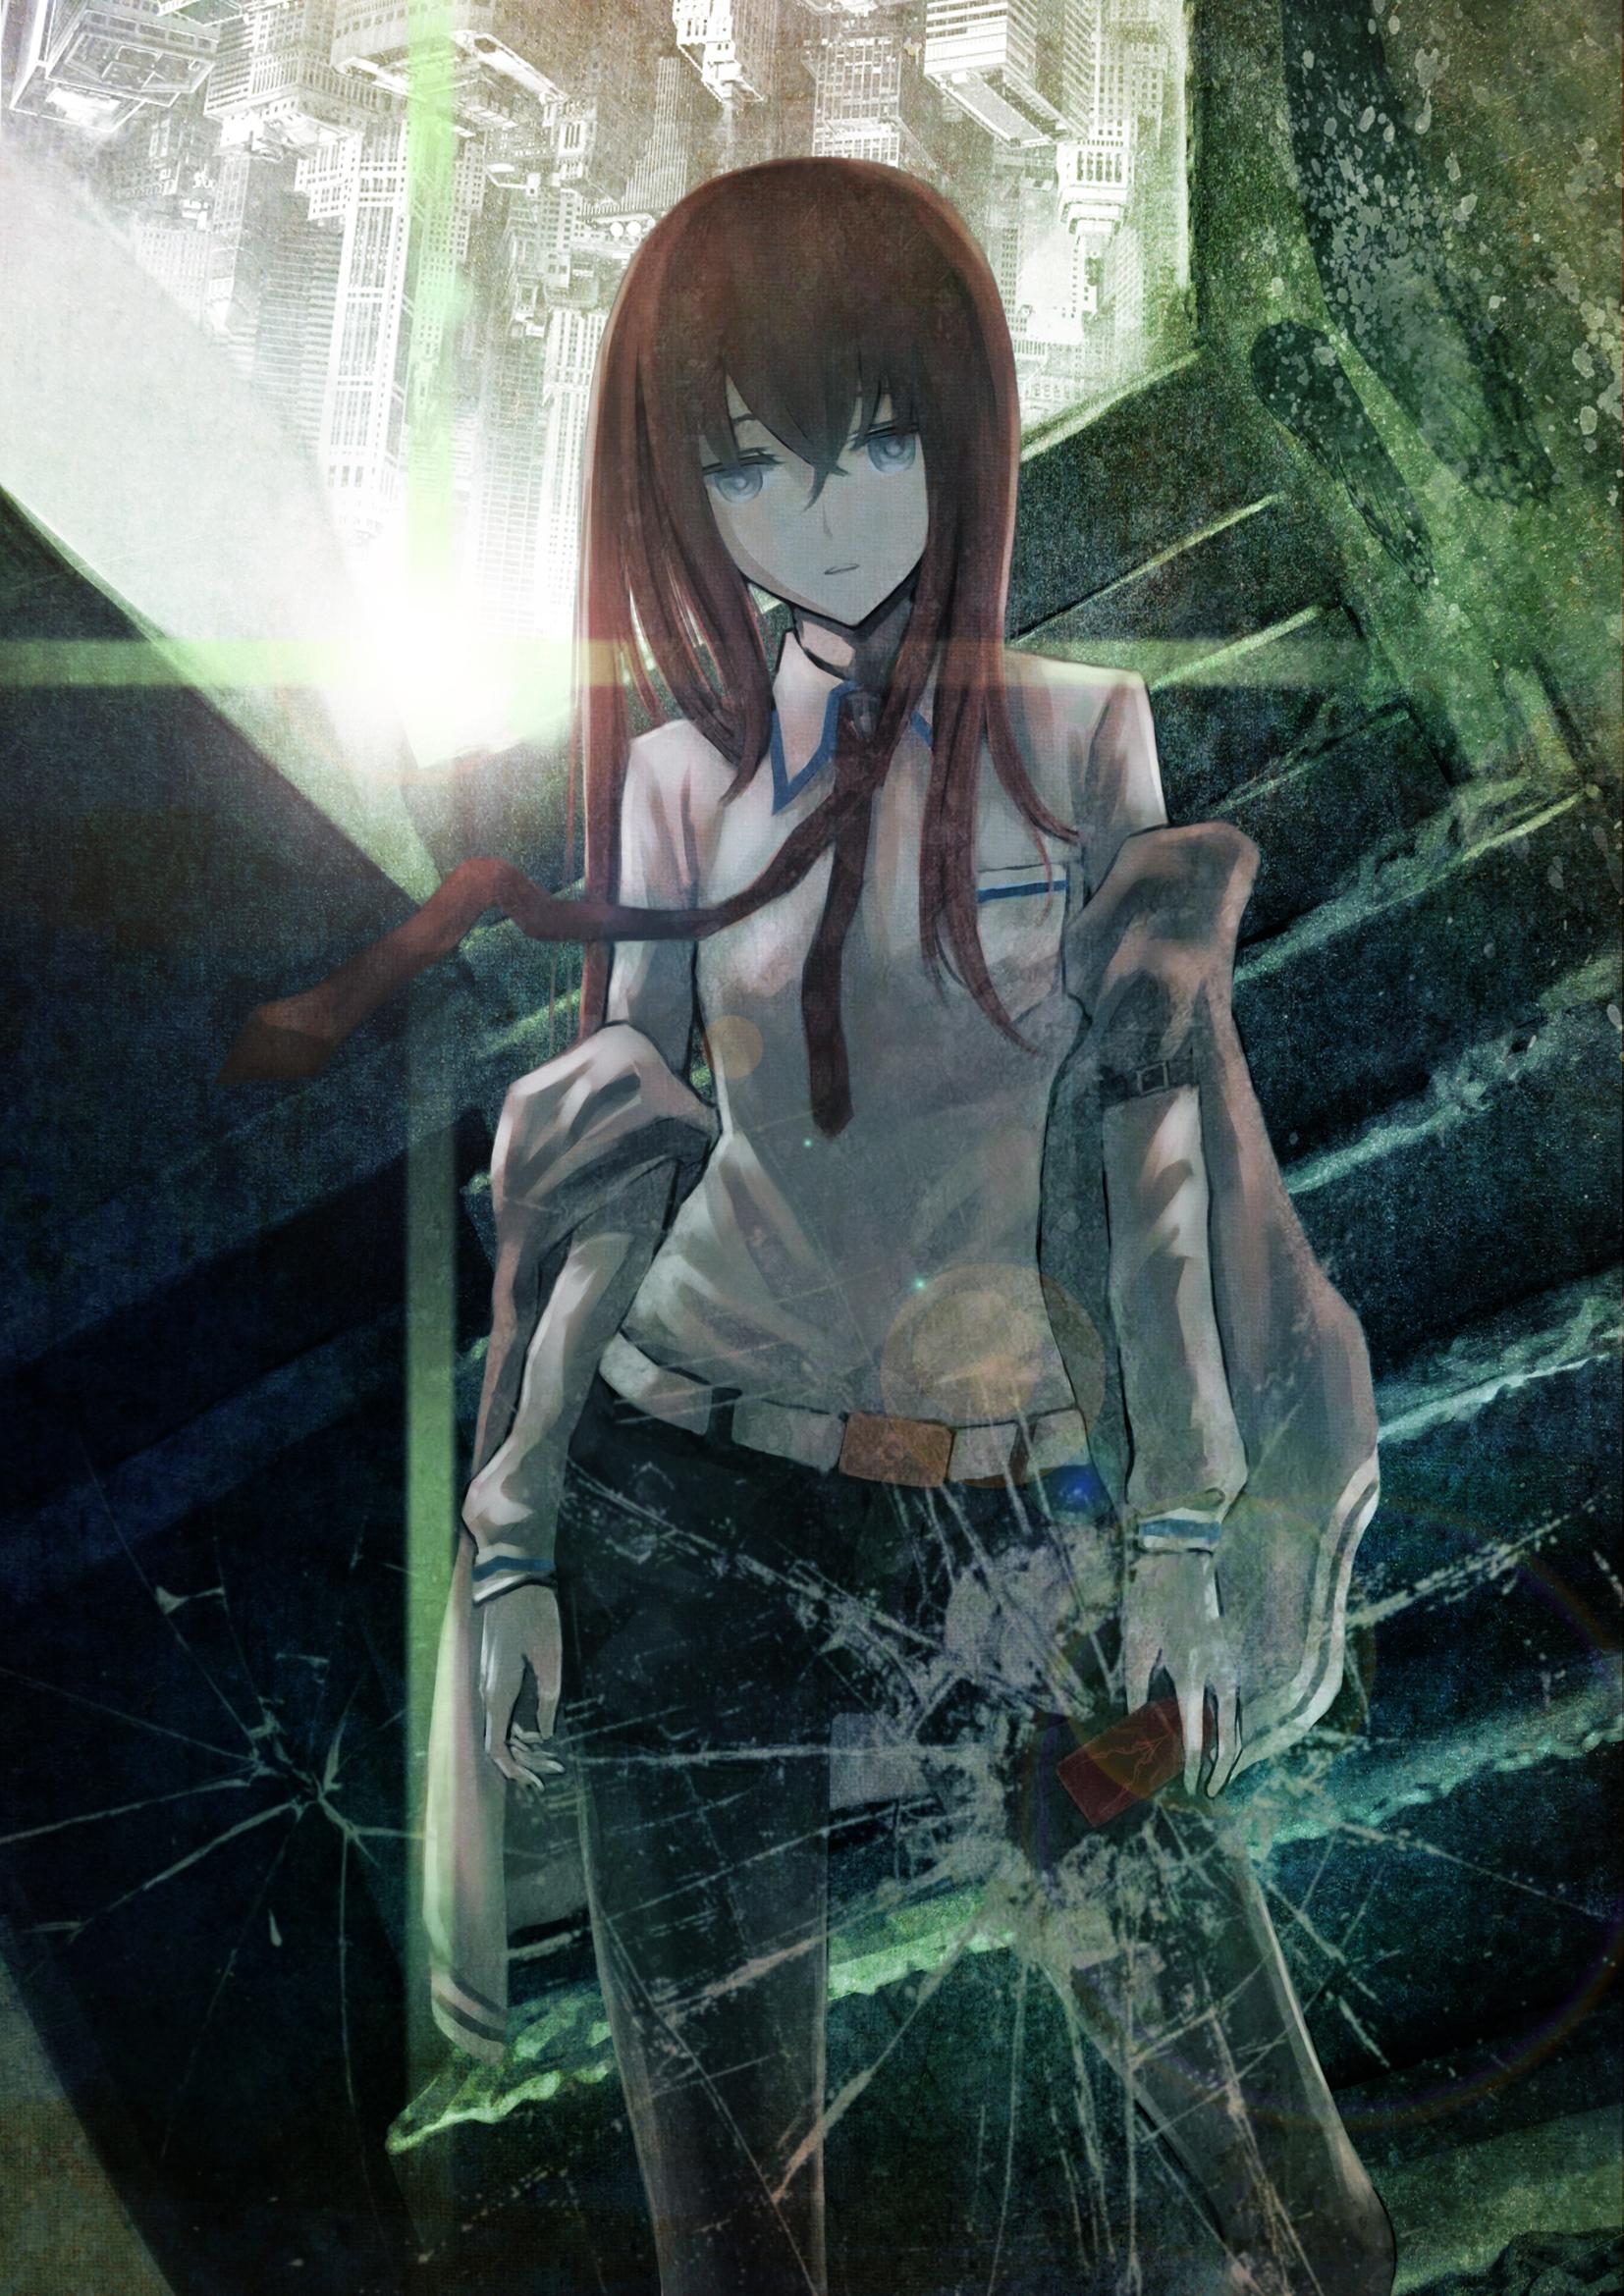 Makise Kurisu Steins Gate Zerochan Anime Image Board